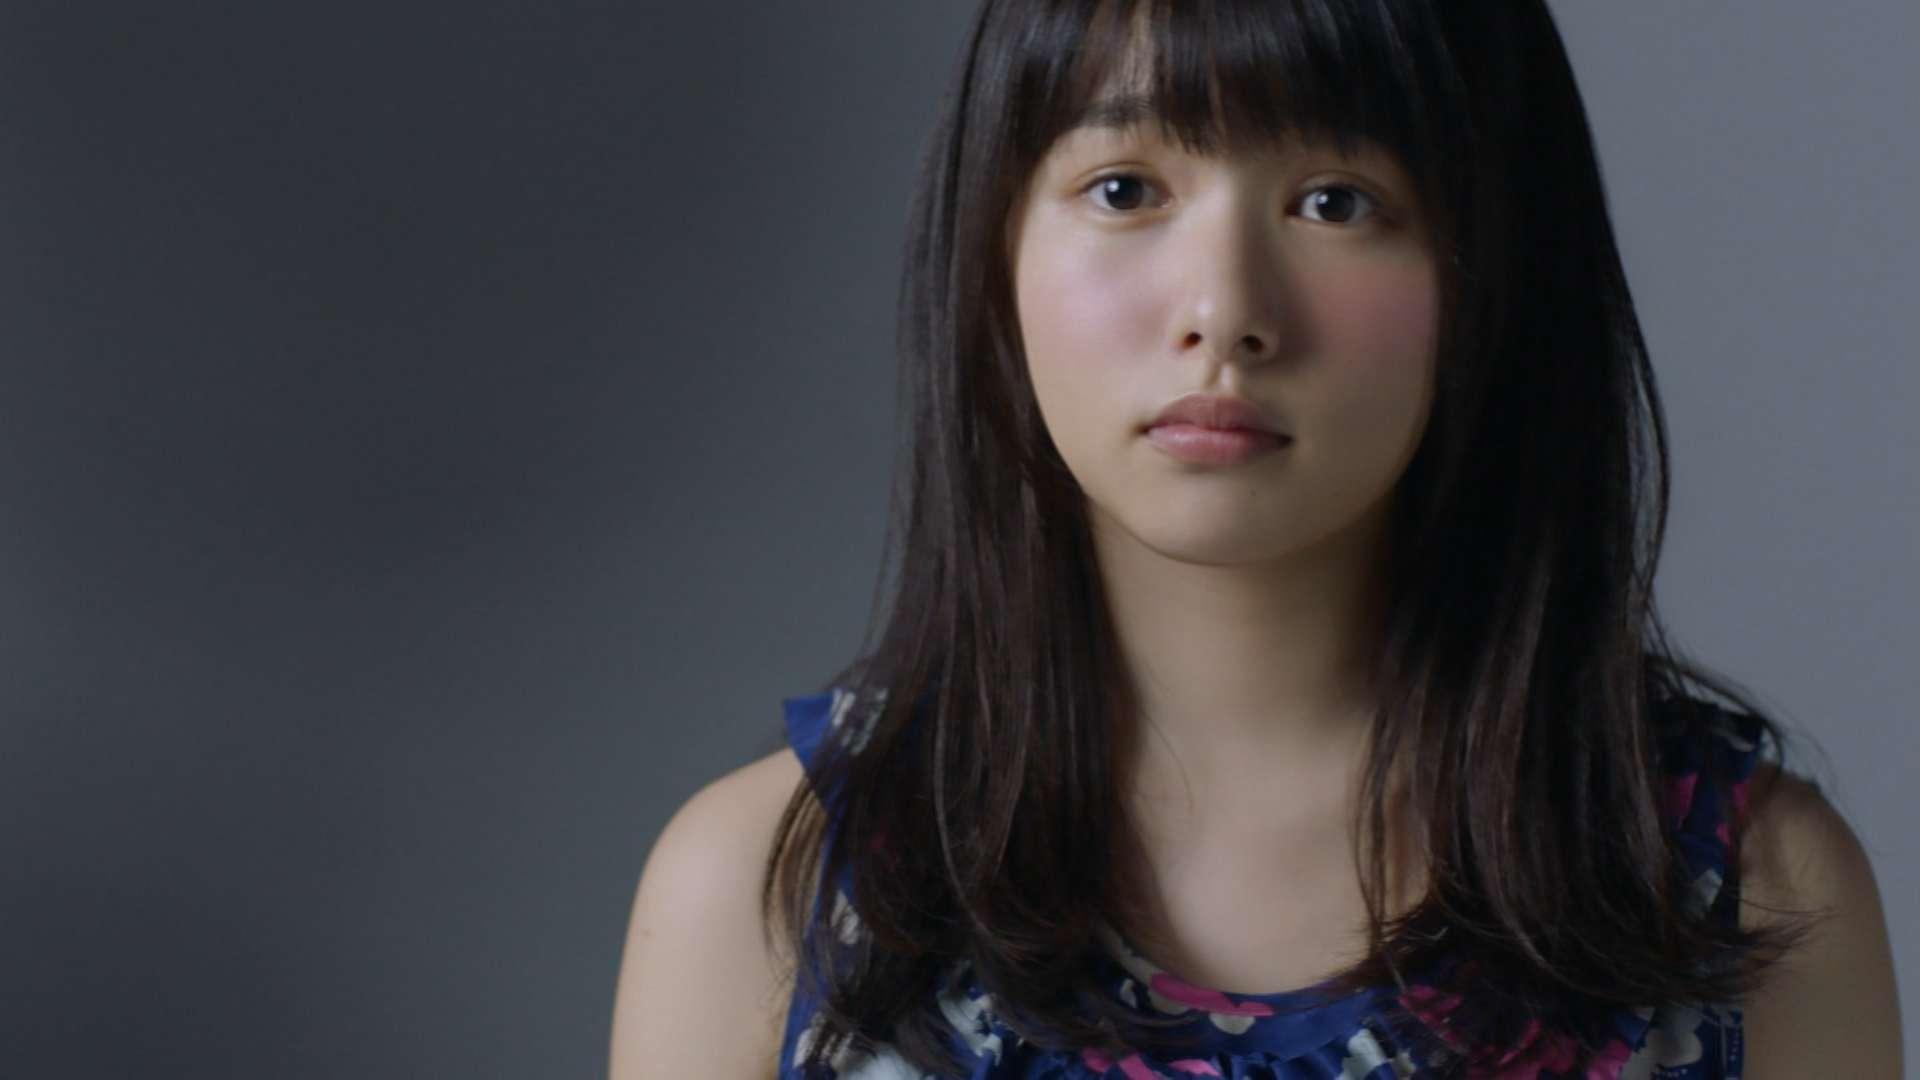 桜井日奈子 画像11